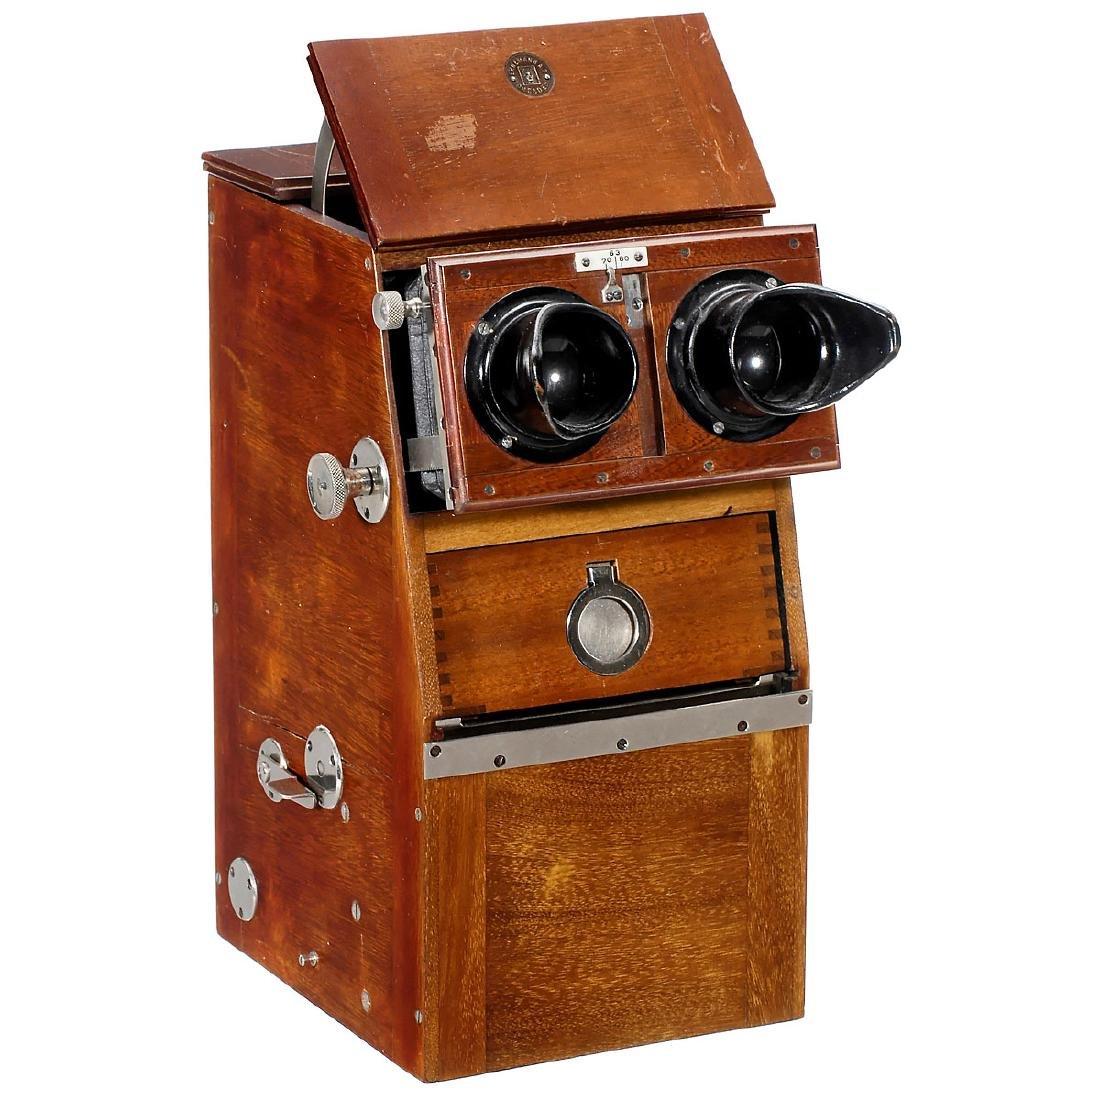 Ernemann Stereoscope (Magazin-Stereobetrachter), 45 x